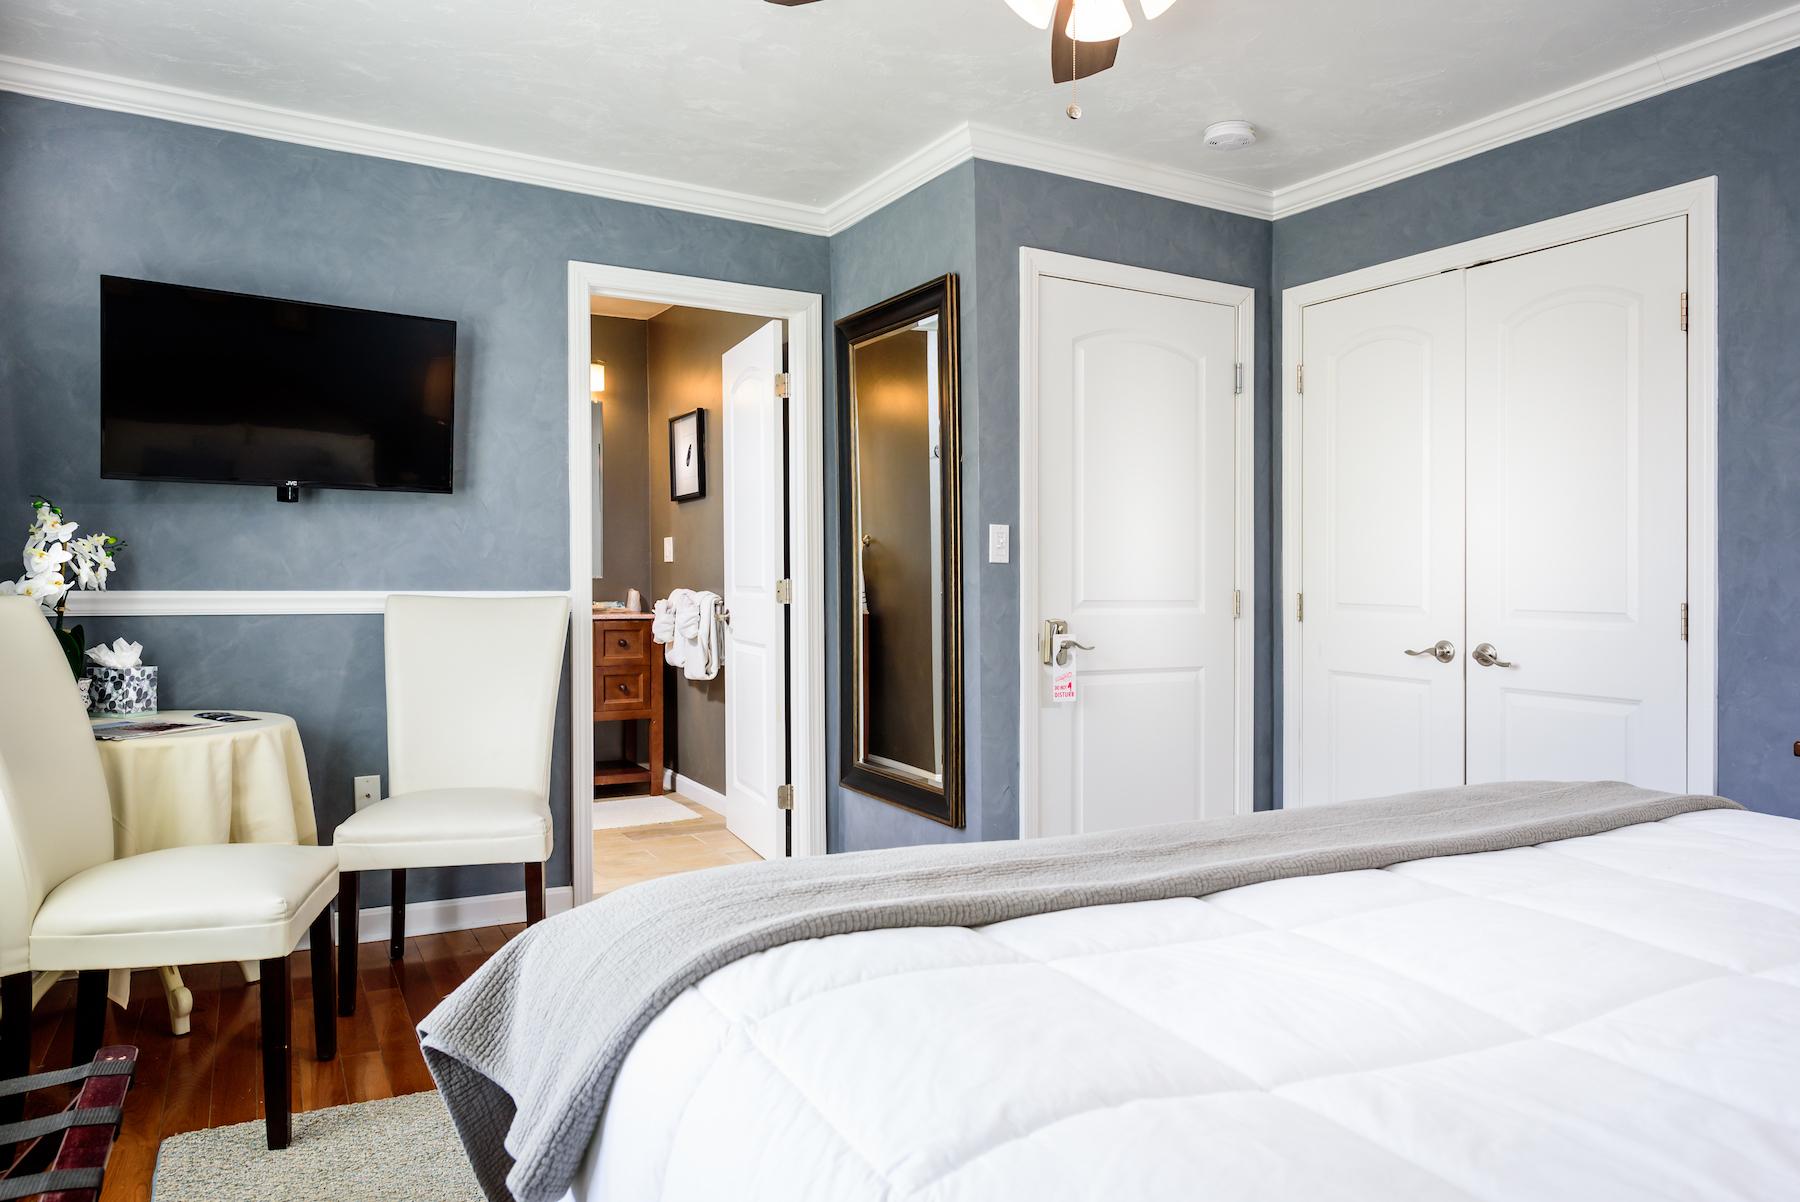 Inn-Room-12-and-Bathroom-20180402-024-1